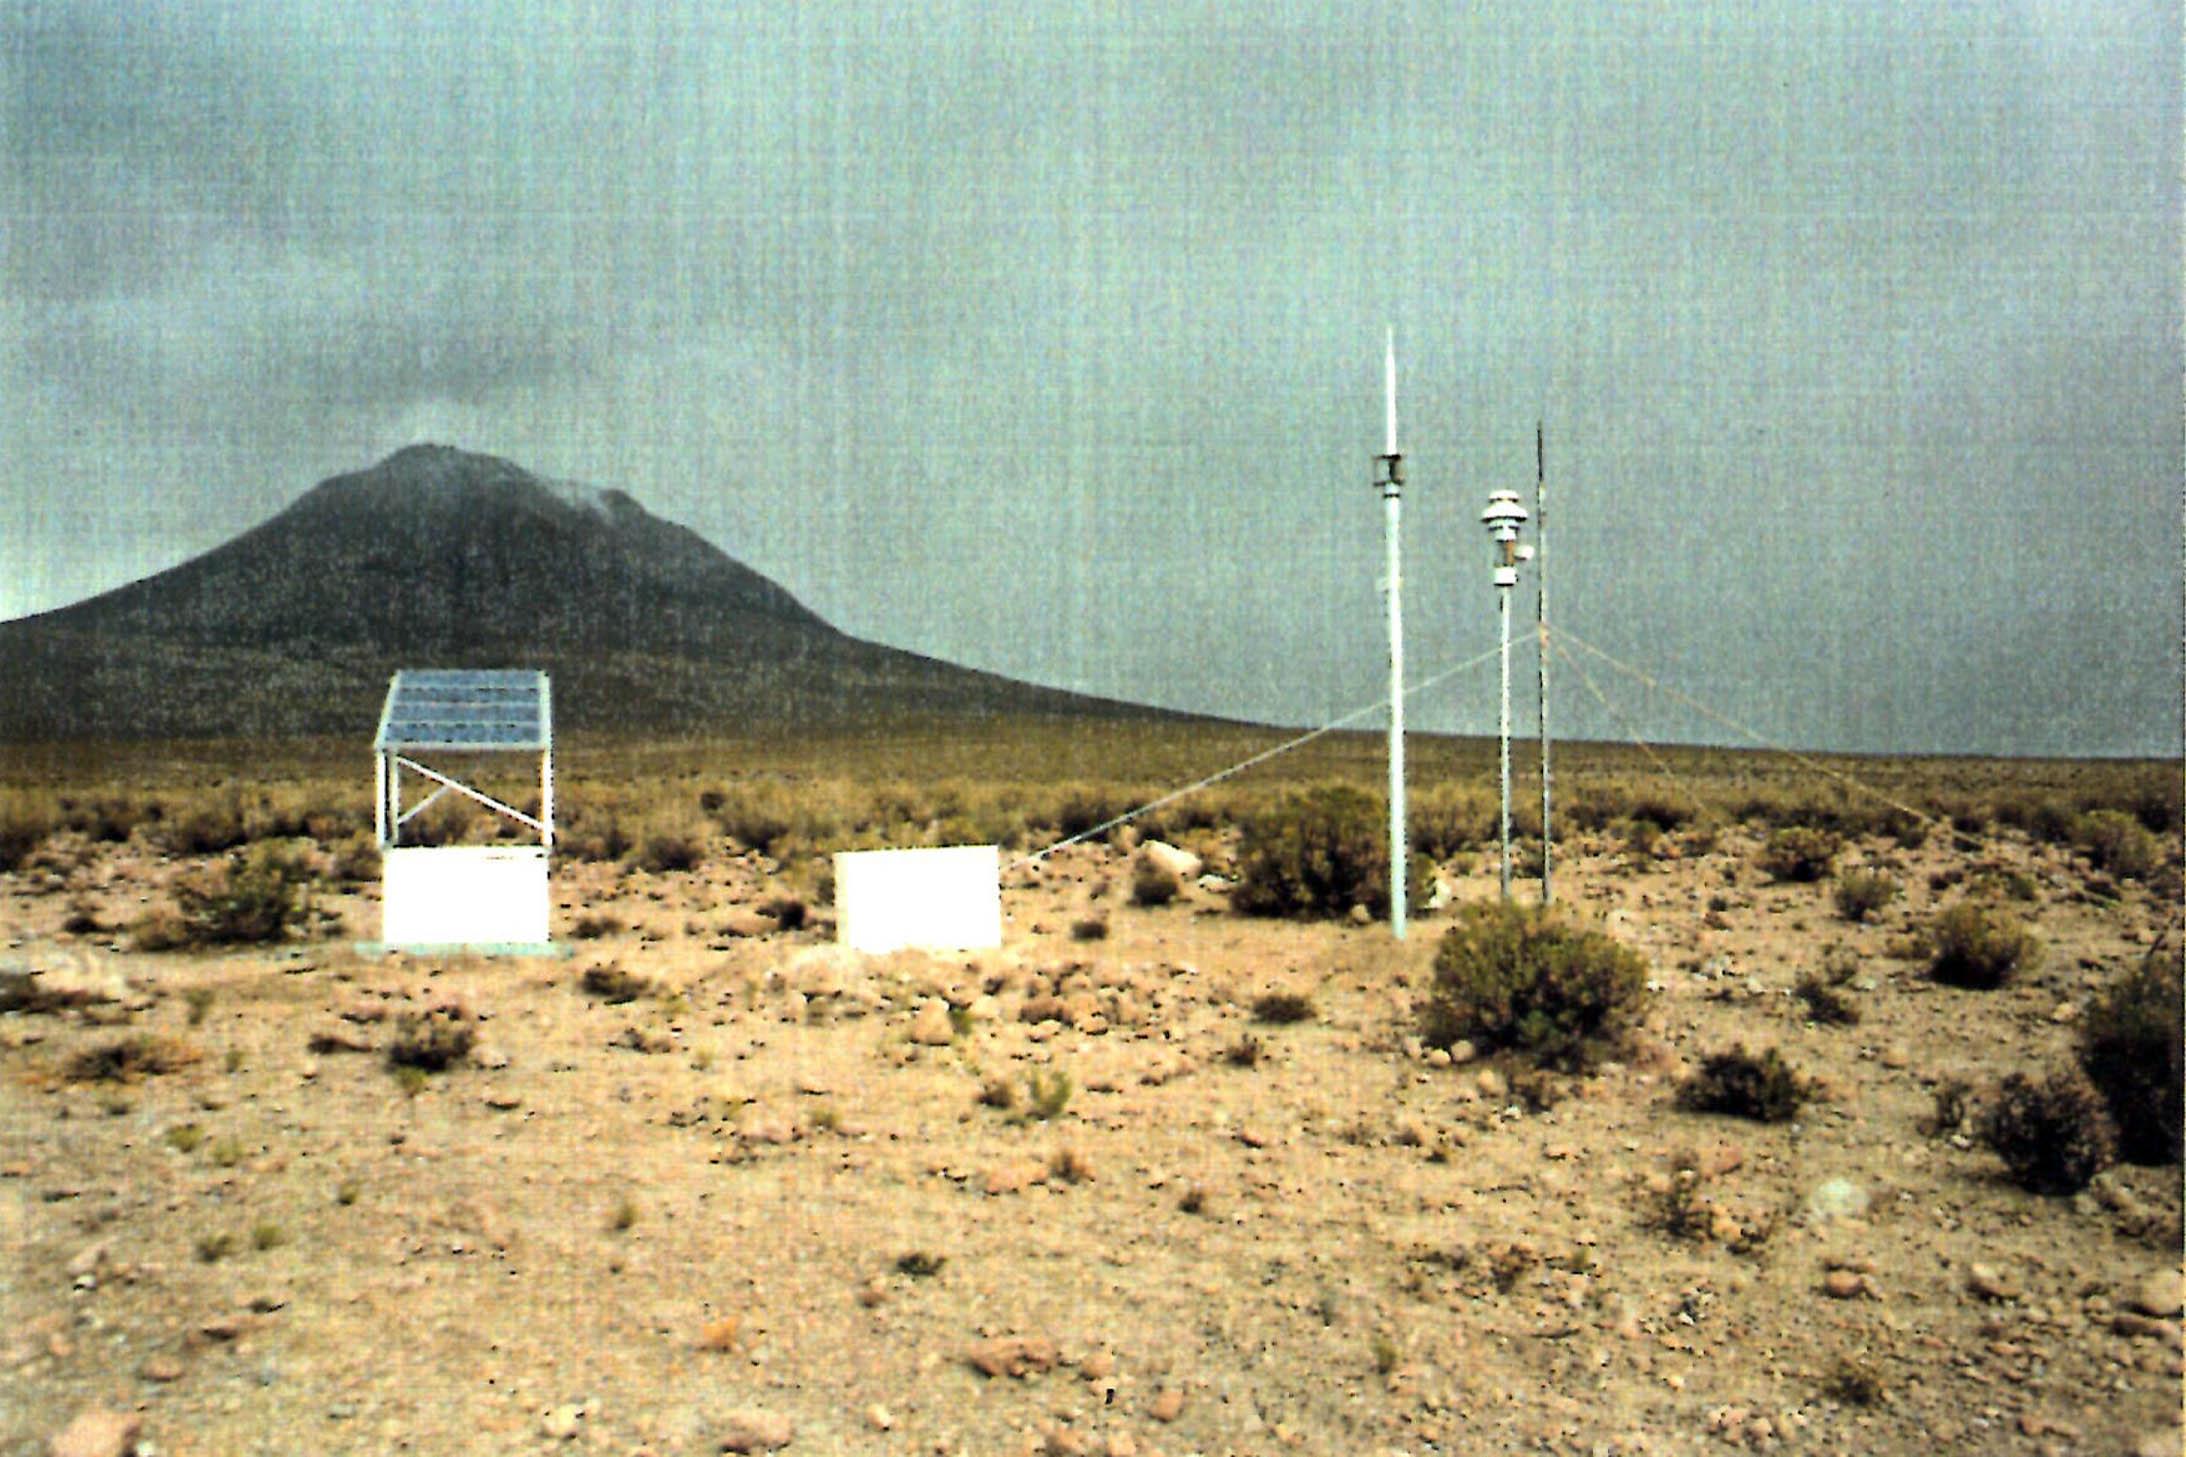 DORIS station: CARIQUIMA - CHILE